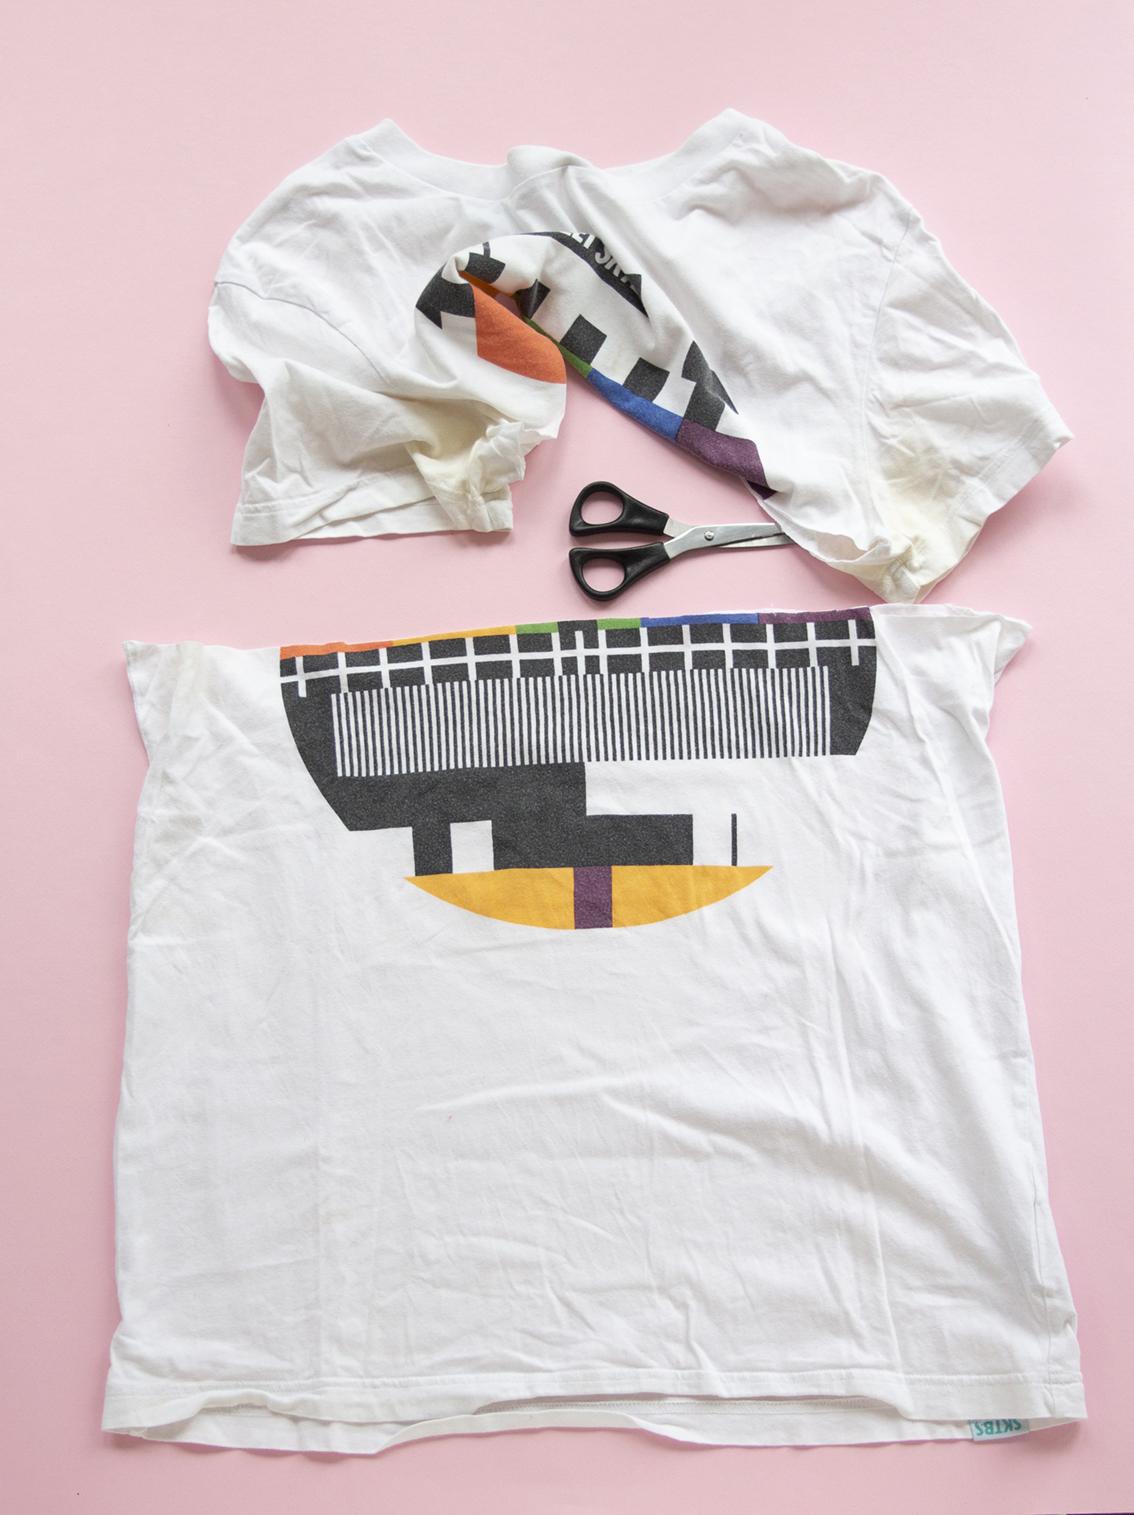 T-shirt garn | Pysselbolaget